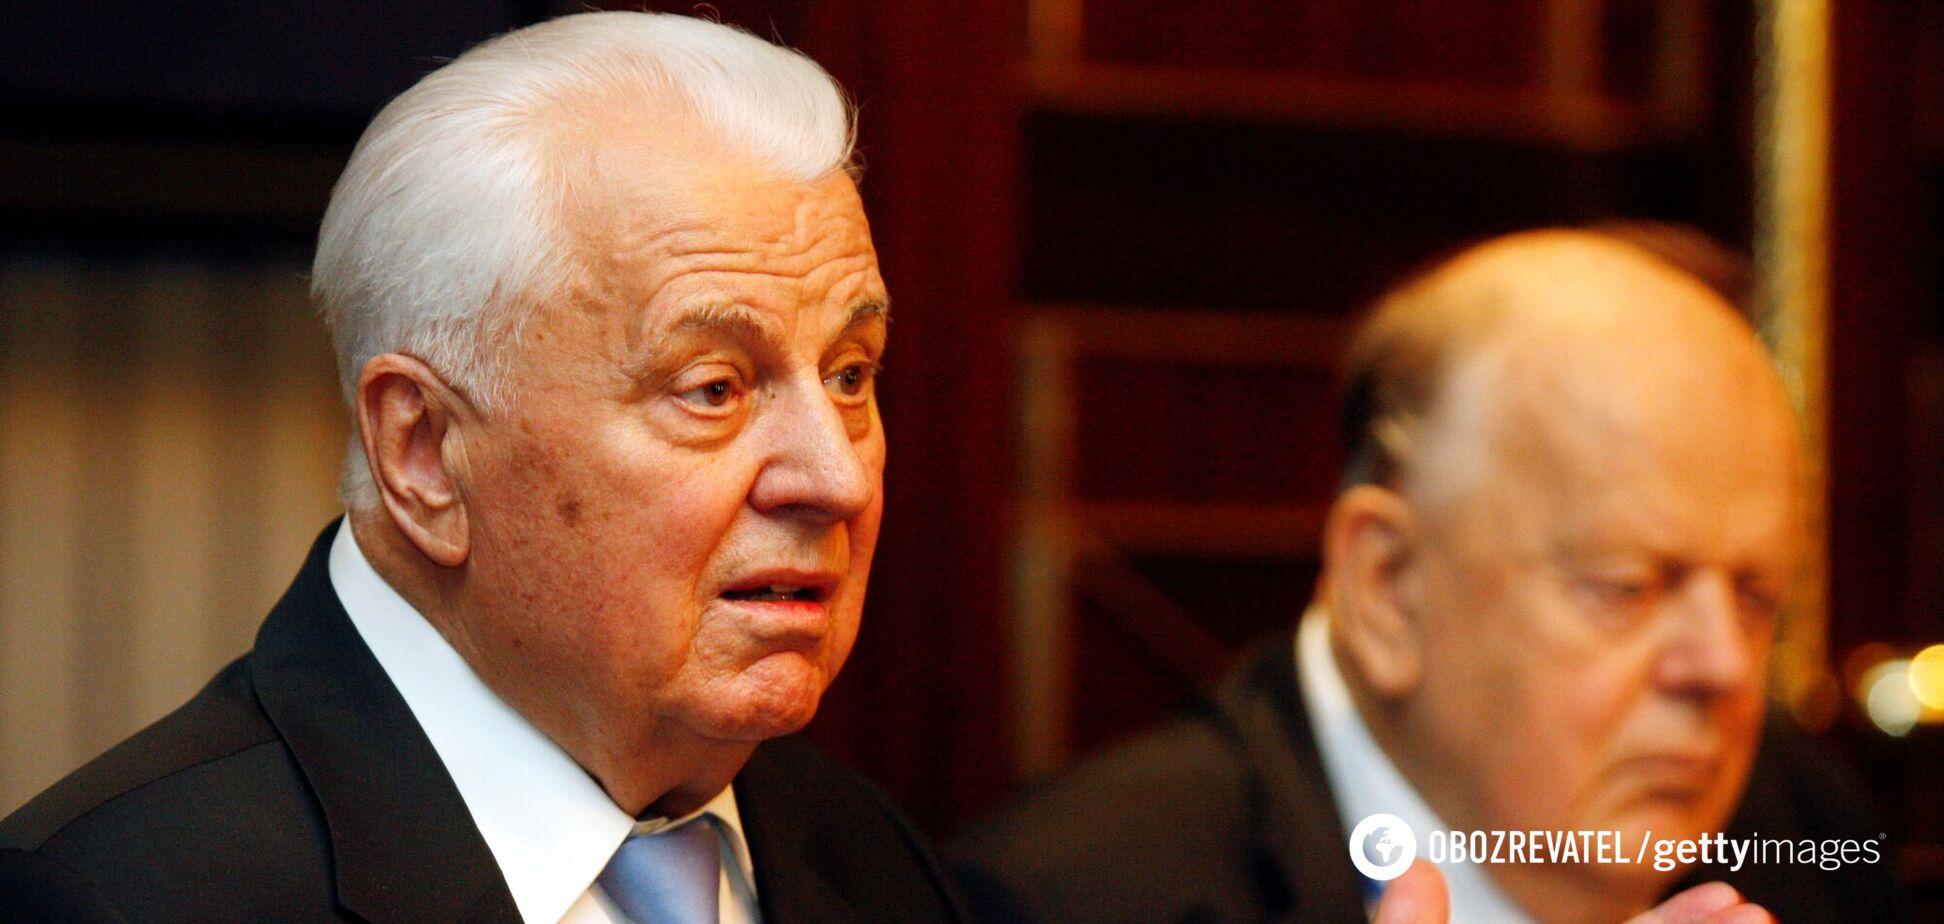 'Слуга' відповіла Кравчуку на його ідею про референдум щодо Криму та Донбасу